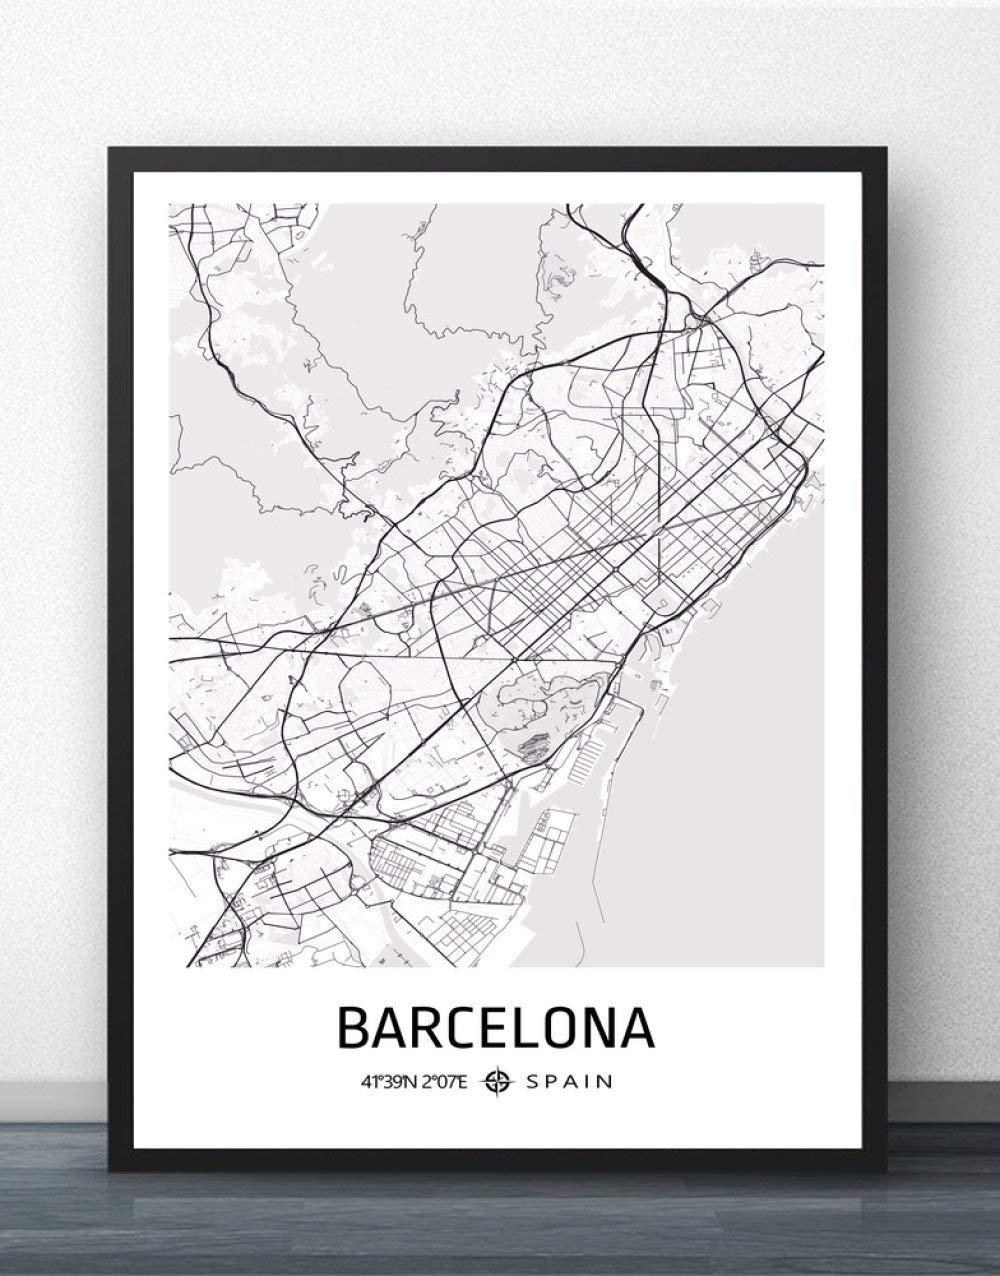 ZWXDMY Impresión De Lienzo,España Barcelona Mapa De La Ciudad De Impresión En Blanco Y Negro Lienzo De Texto Simple Cartel Mural De Pintura Sin Cerco Salón Cafetería En La Decoración del Hogar,30×40: